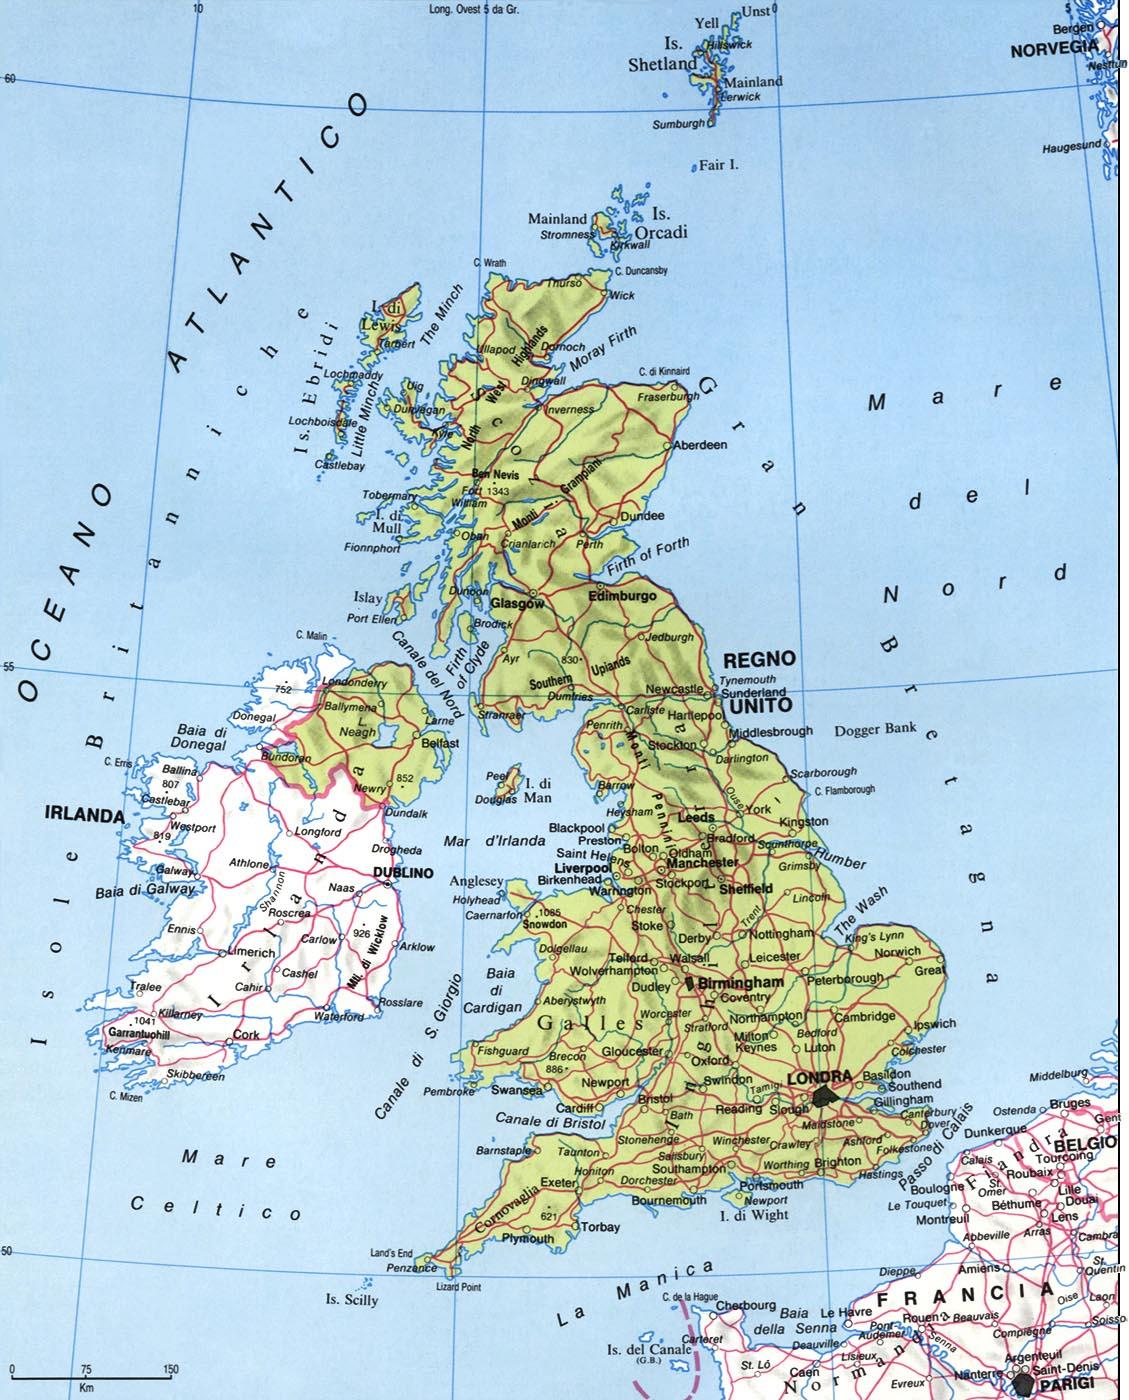 Cartina Fisica Gran Bretagna E Irlanda.Se Il Regno Unito E L Unione Europea Non Si Parlano Terza Parte